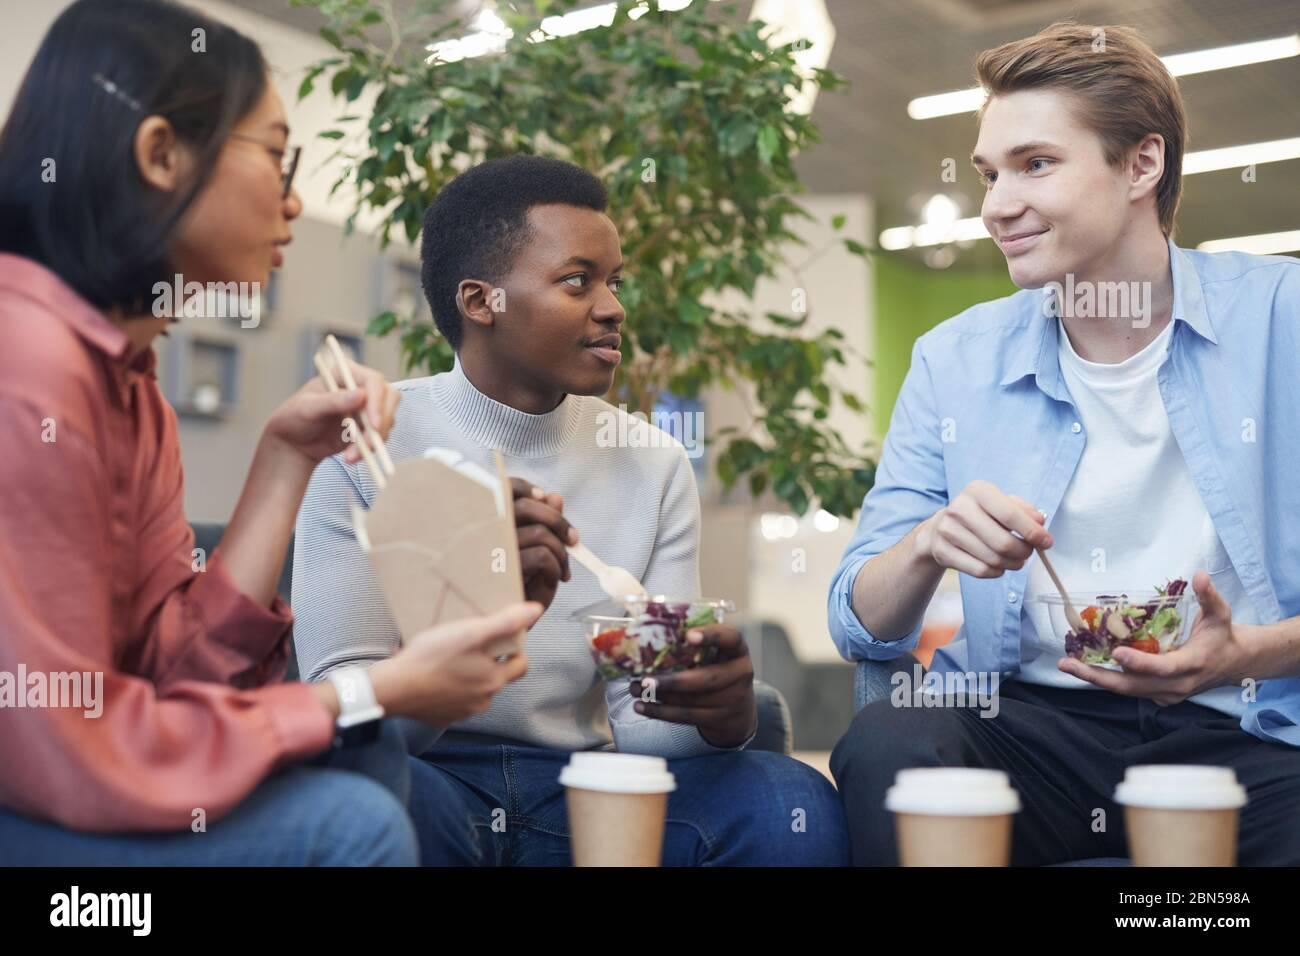 Grupo multiétnico de jóvenes comiendo comida para llevar y sonriendo durante el descanso de almuerzo en la escuela u oficina Foto de stock